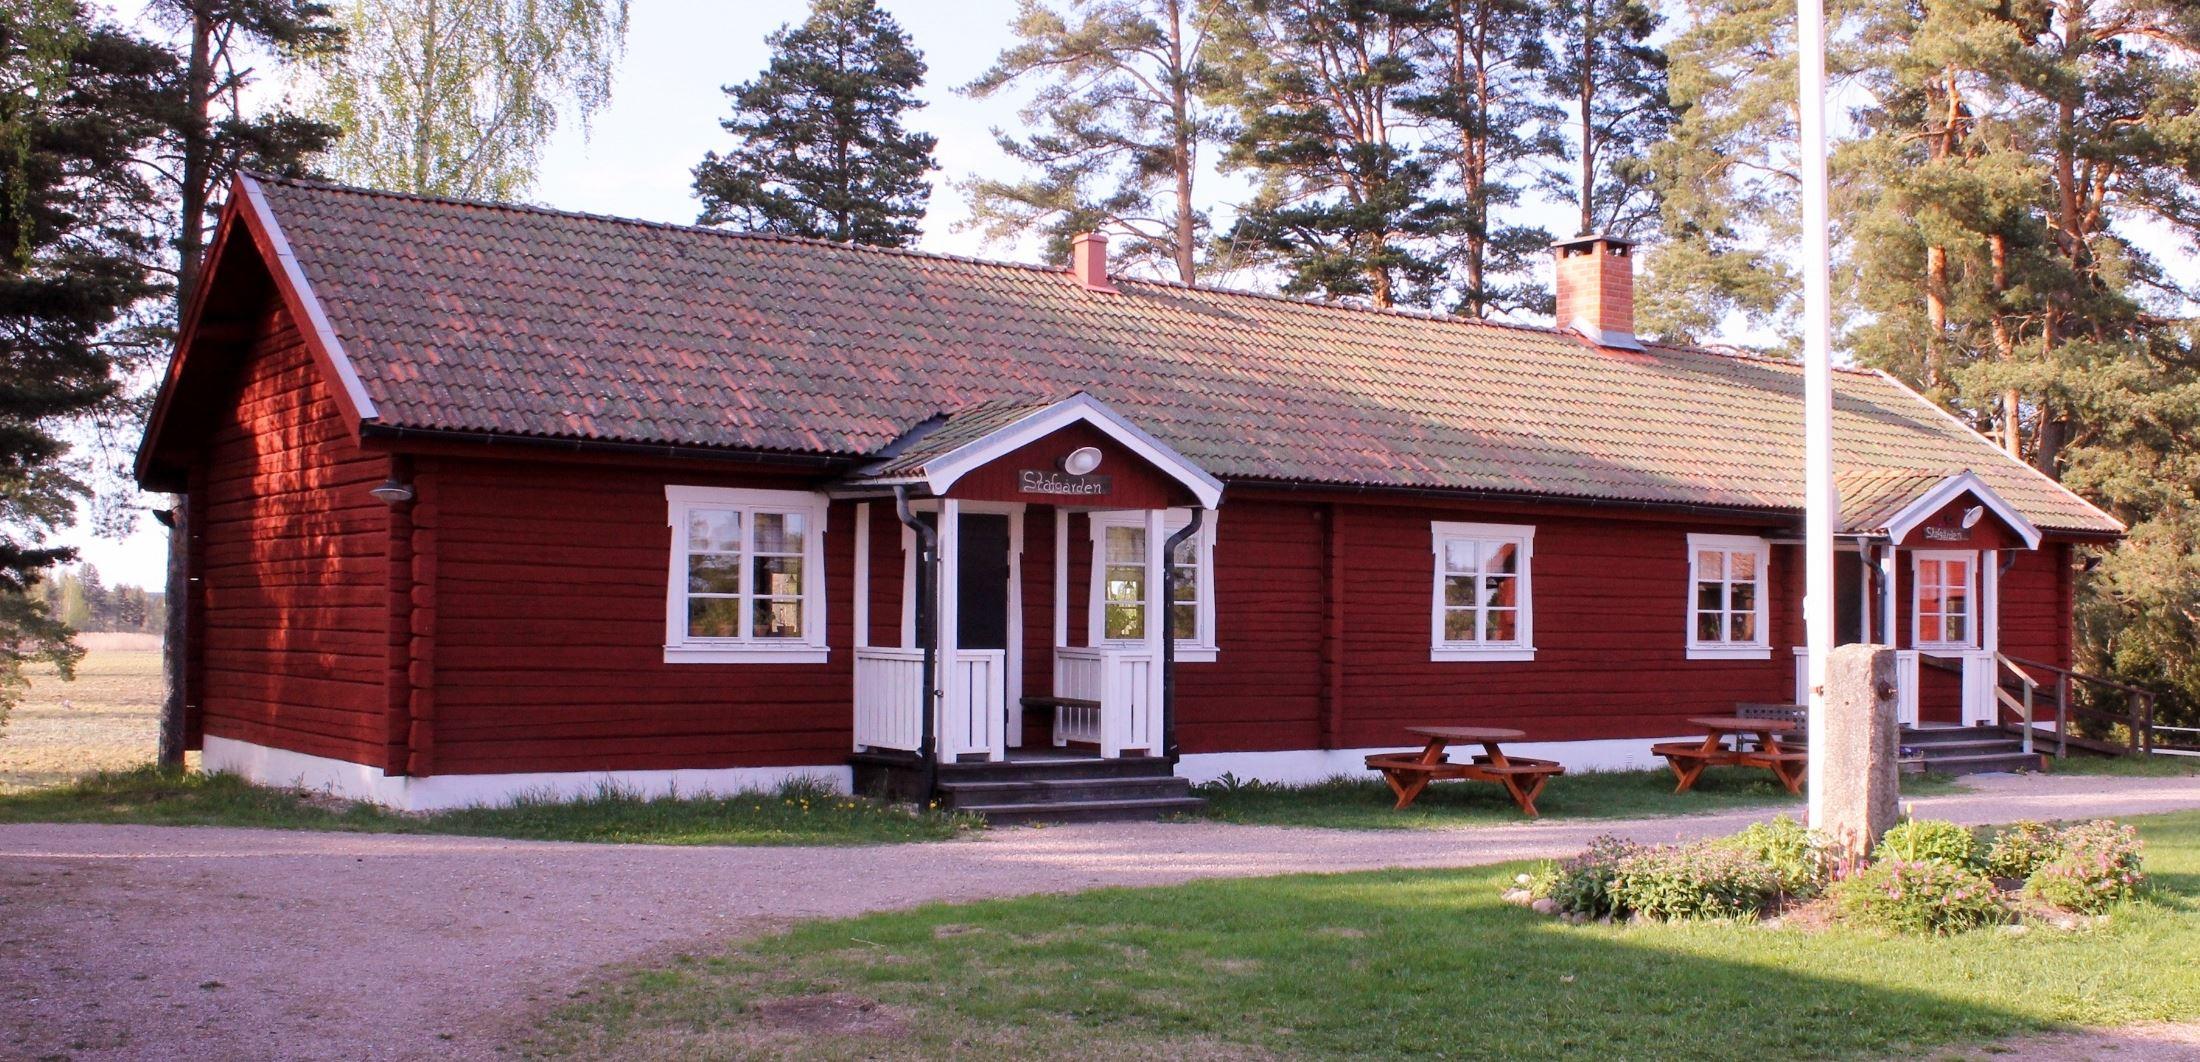 Stavgården är en kopia av en parstuga från byn Stav. Lokalen är en trevlig festlokal som hyrs ut till medlemmar.